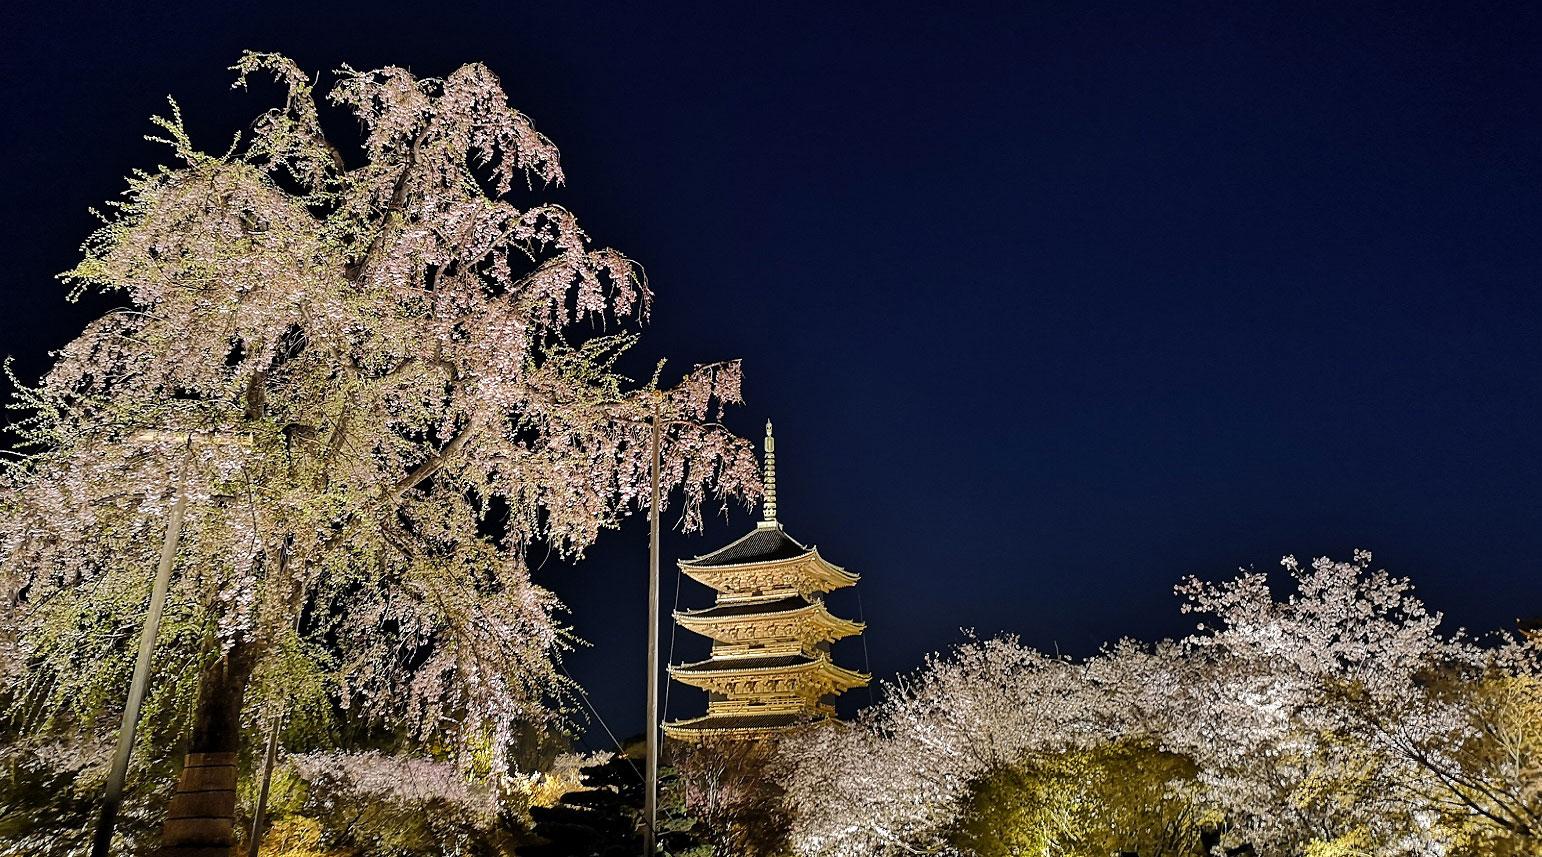 【京都 旅行 観光 情報】現地スタッフが地元京都から配信 ~撮影スポットやグルメ情報も~